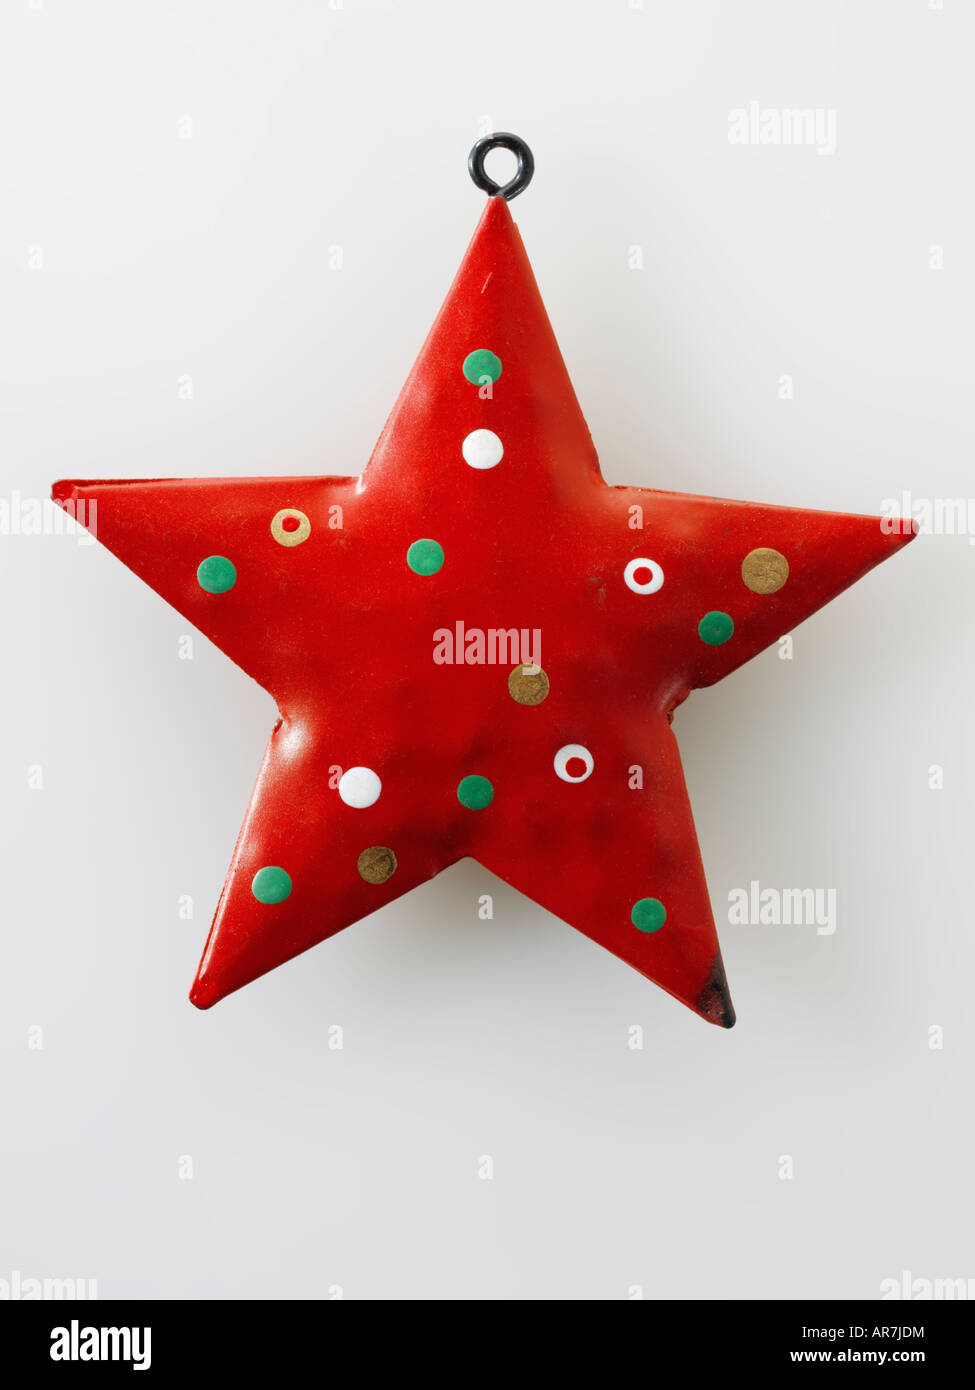 Festive dipinta a mano la stella rossa decorazione di Natale Immagini Stock